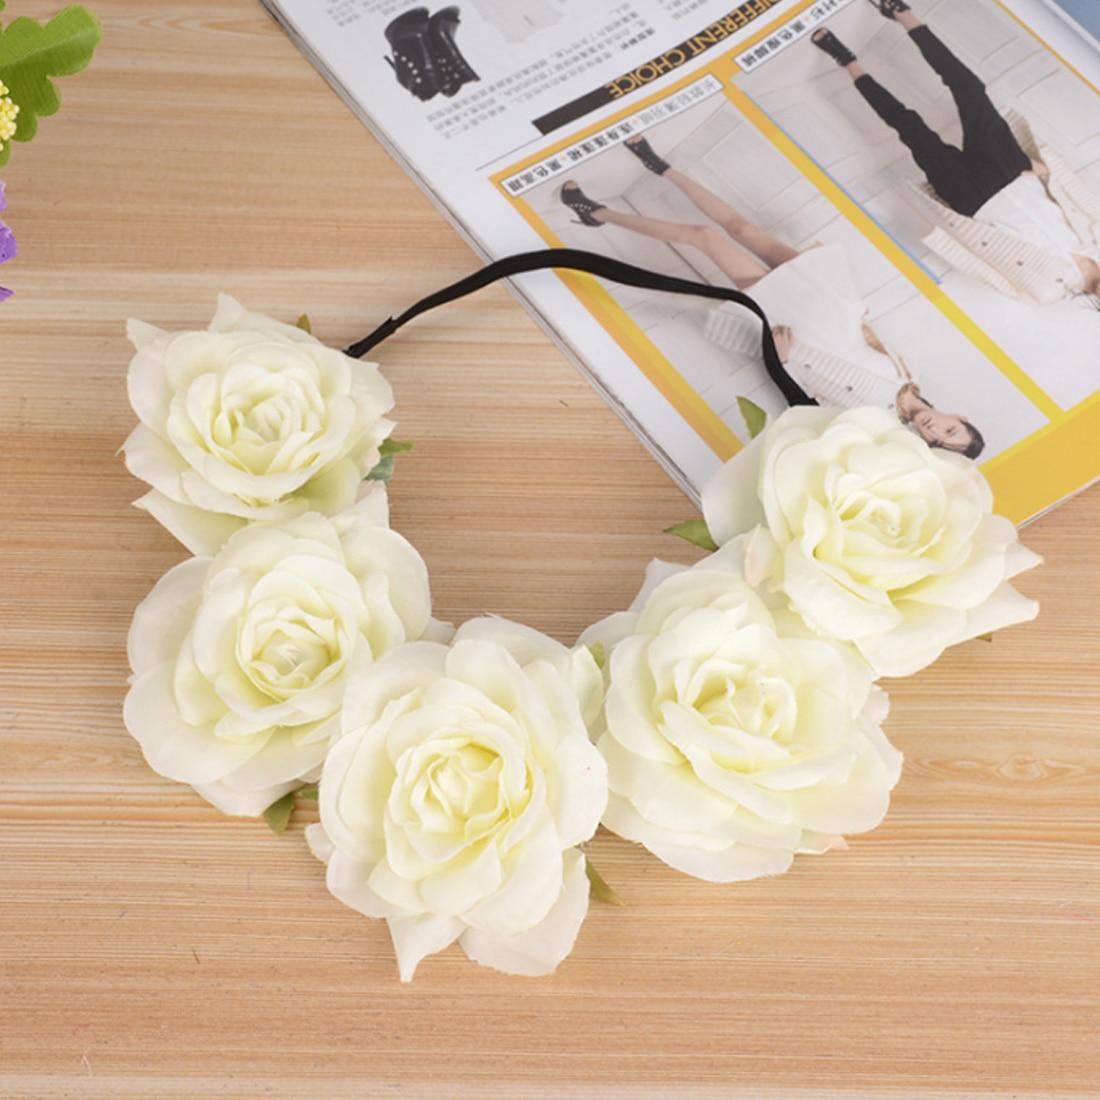 Surwish Bridal Wreath Flower Head Band Hair Band Floral Crown for Festival Wedding Beach Flower Headband - Beige